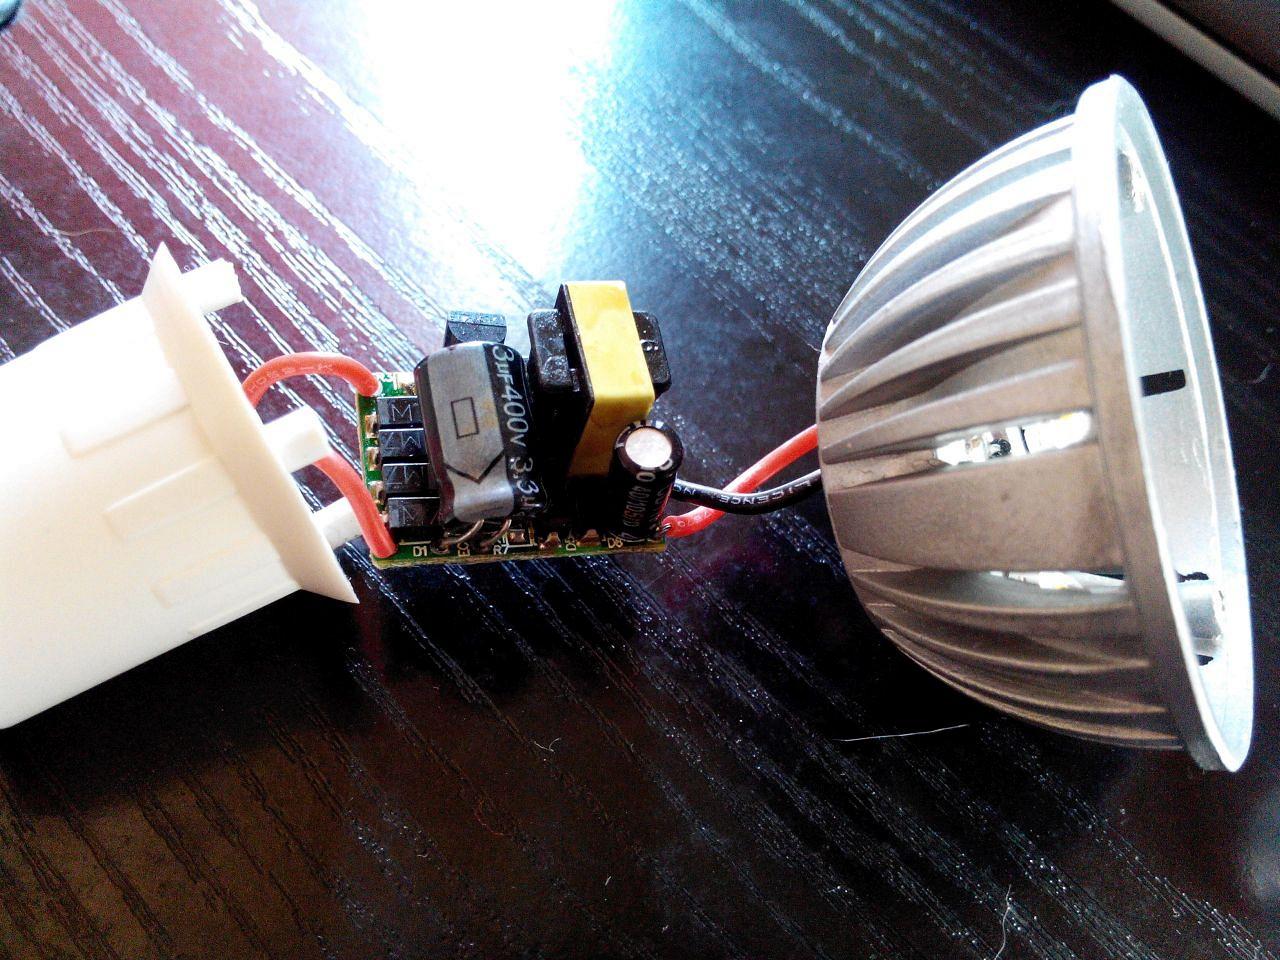 Ремонт своими руками светодиодной лампы led-a606